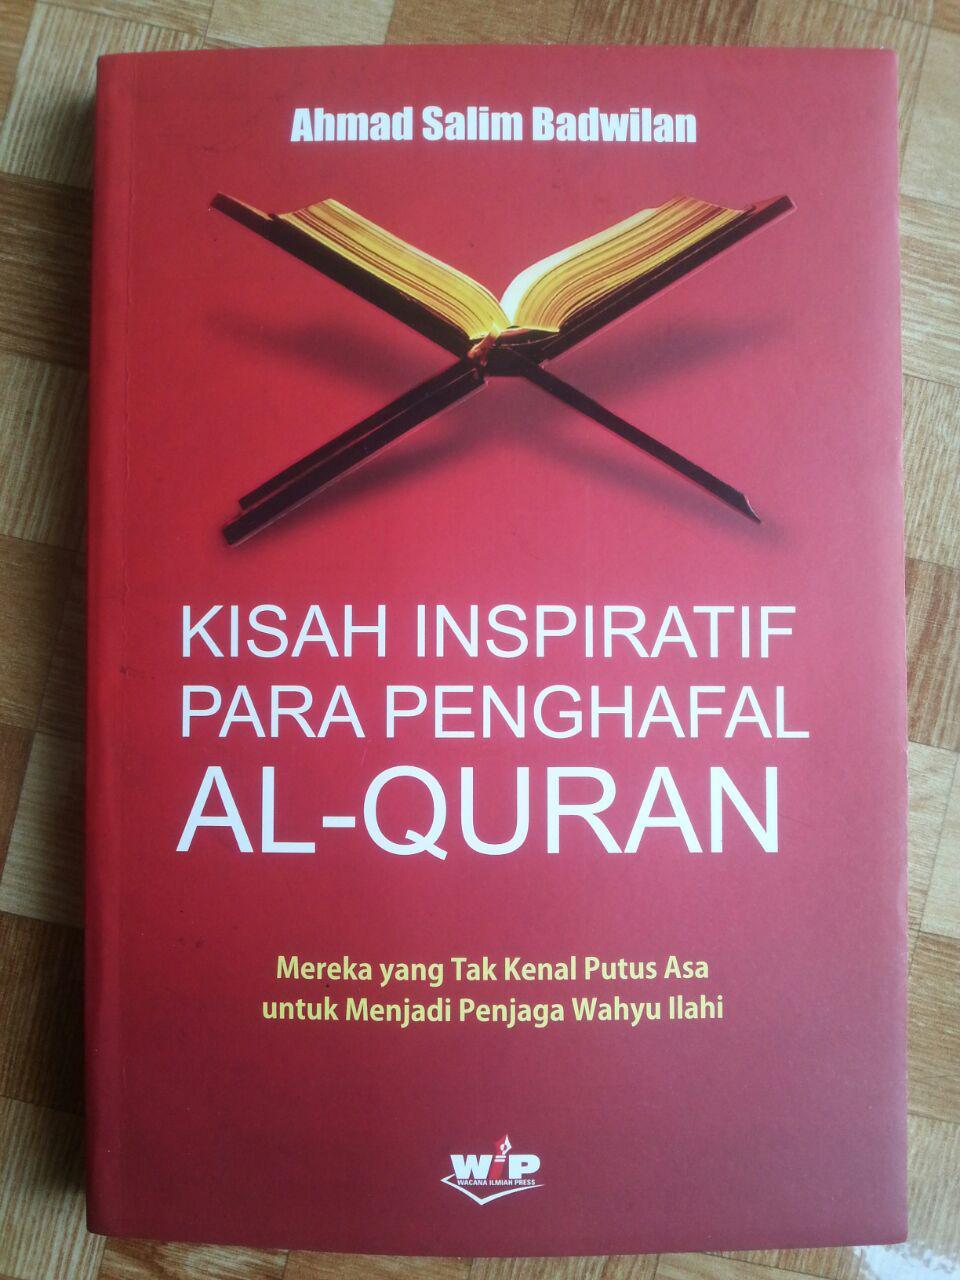 Buku Kisah Inspiratif Penghafal Al-Quran cover 2